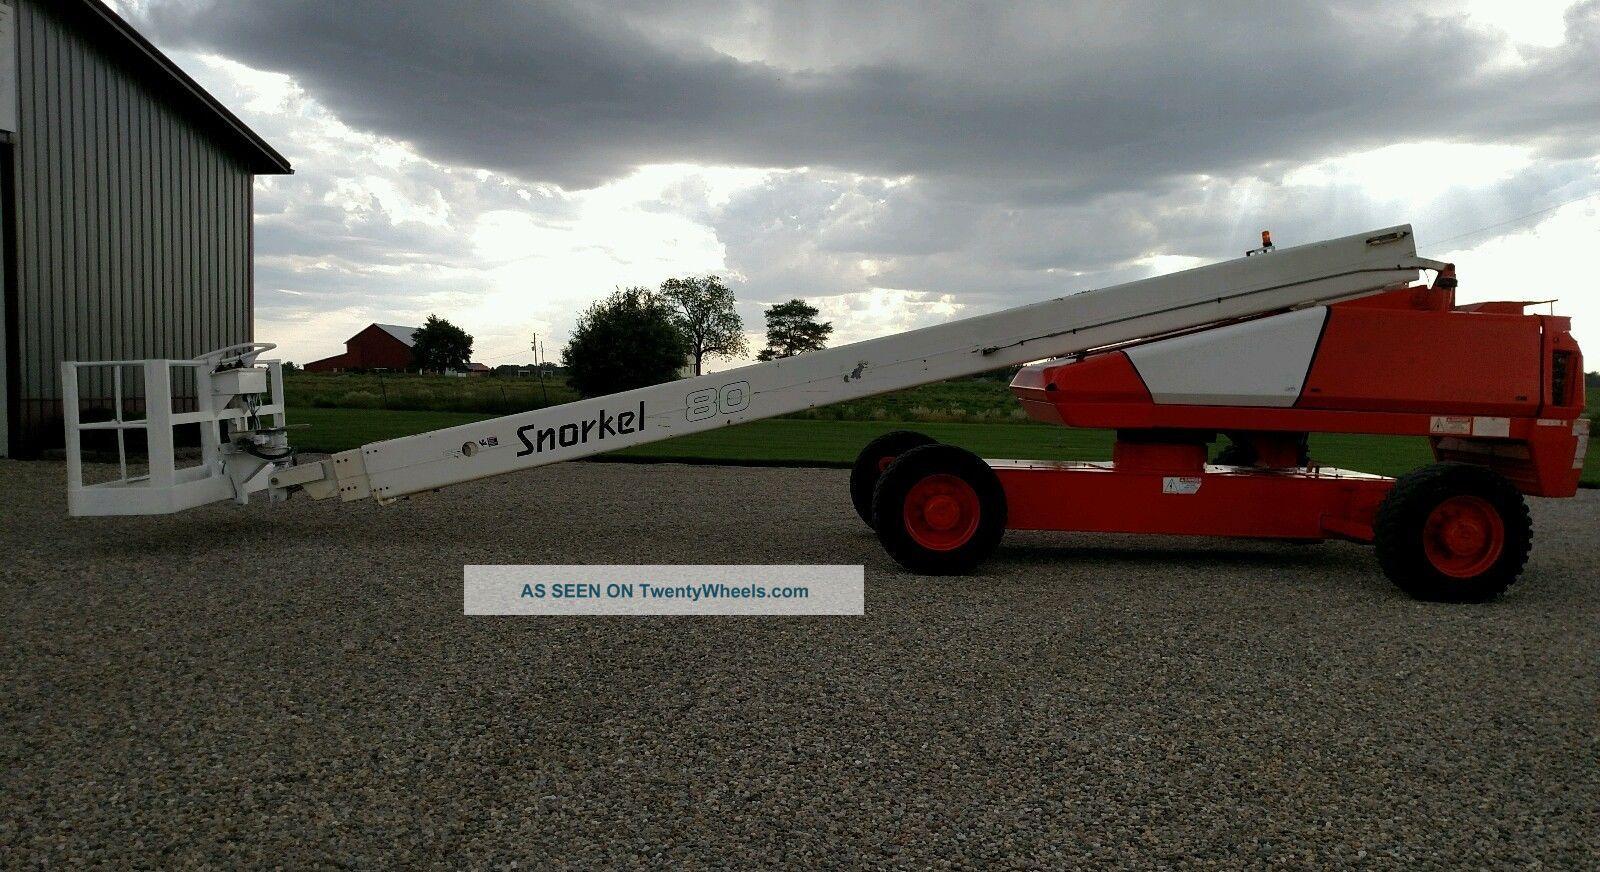 2007 Snorkel Tb80 Boom Man Lift 80 ' Aerial All Terrain Diesel 4x4 Scissor & Boom Lifts photo